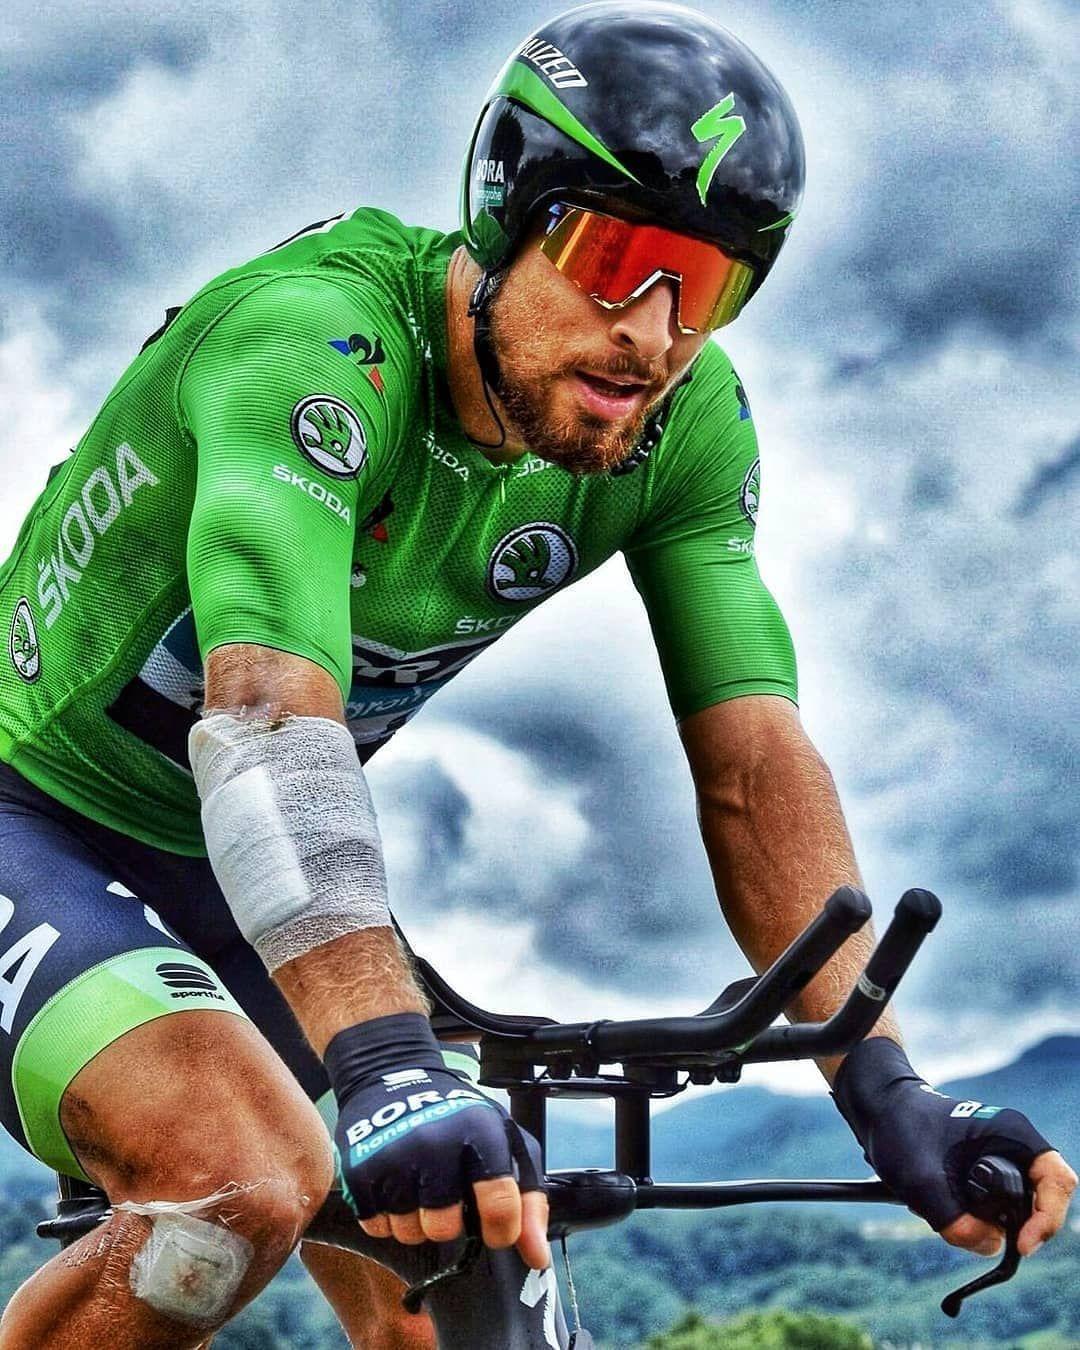 Peter Sagan Tdf2018 Arte De Ciclismo Ciclista Ciclismo